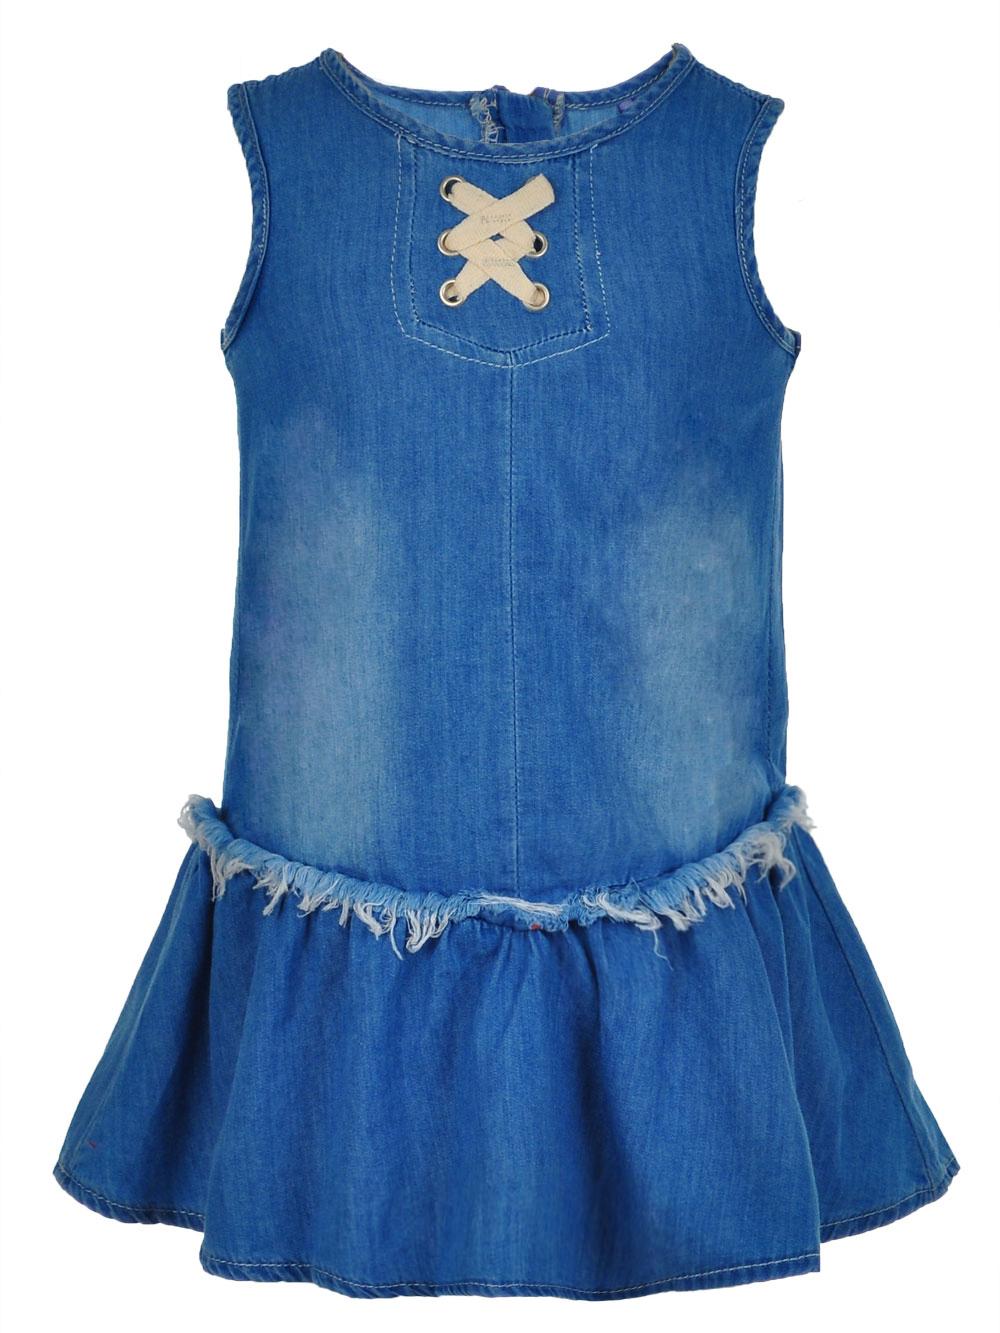 2d988d4c3 Hudson Baby Girls' Dress